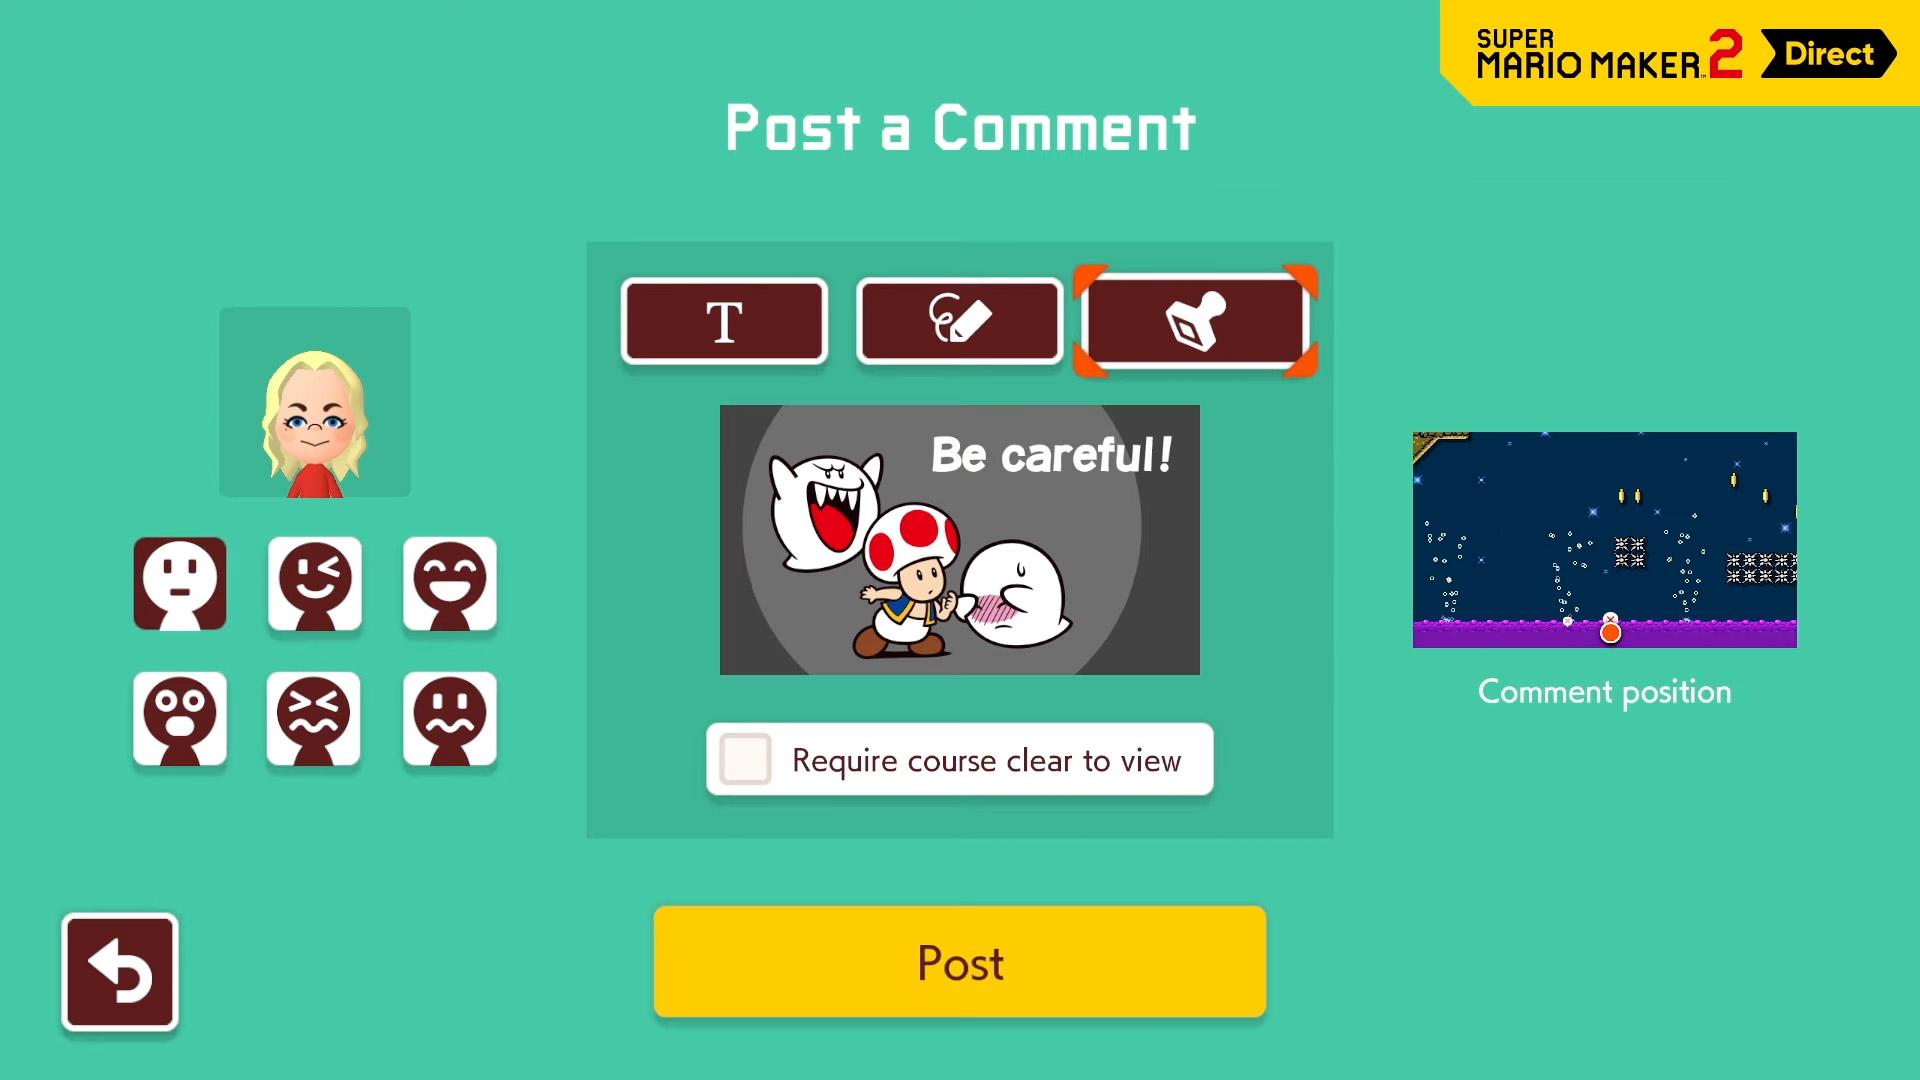 Super Mario Maker 2 comments